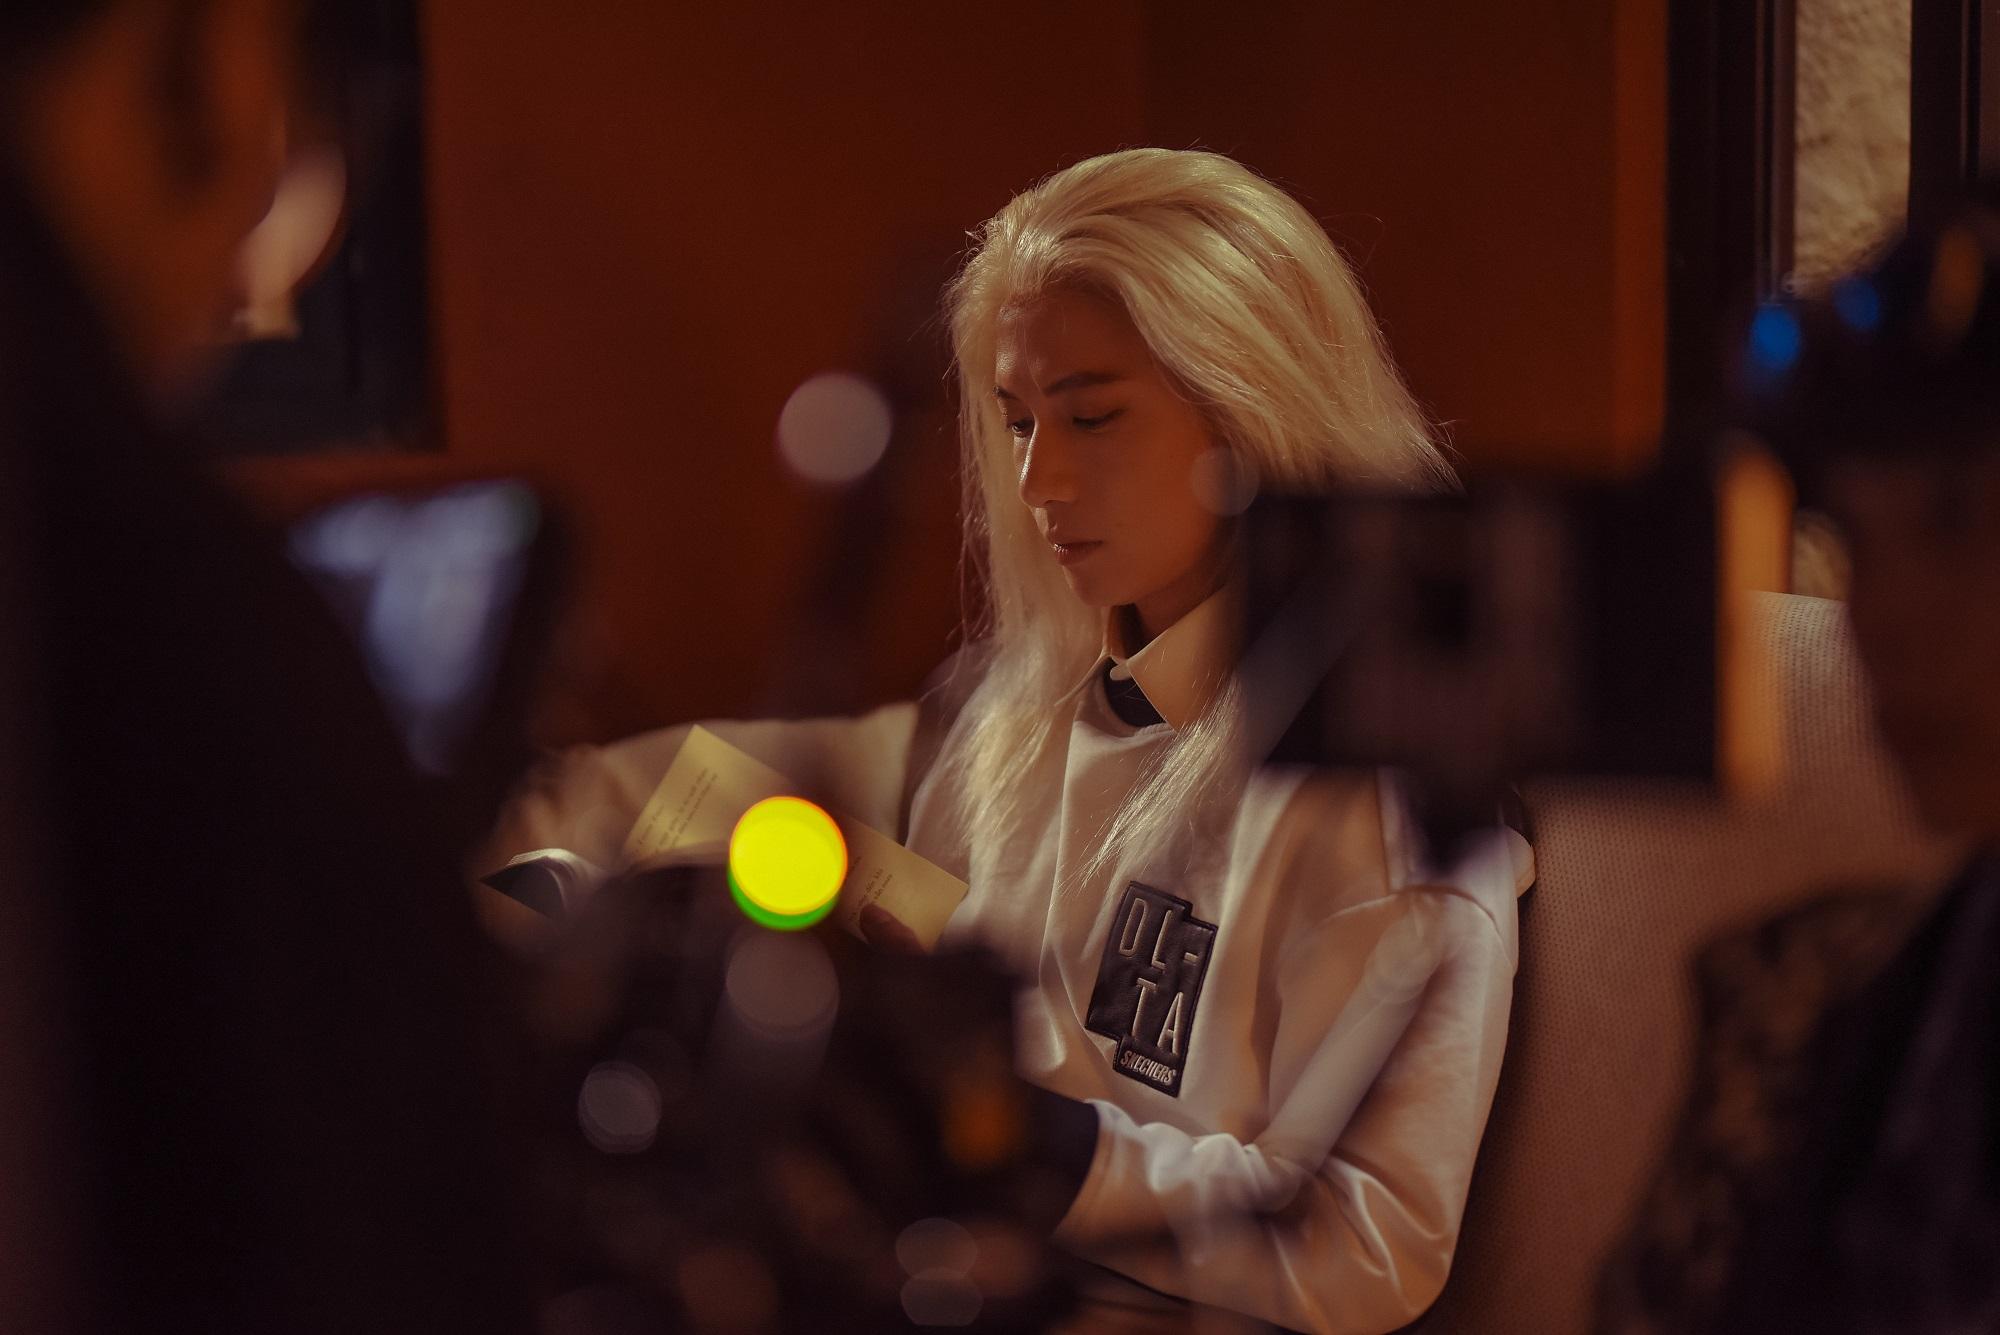 MV Sai nắng đạt triệu lượt xem sau 24h, S.T Sơn Thạch hé lộ hậu trường MV đầy hài hước